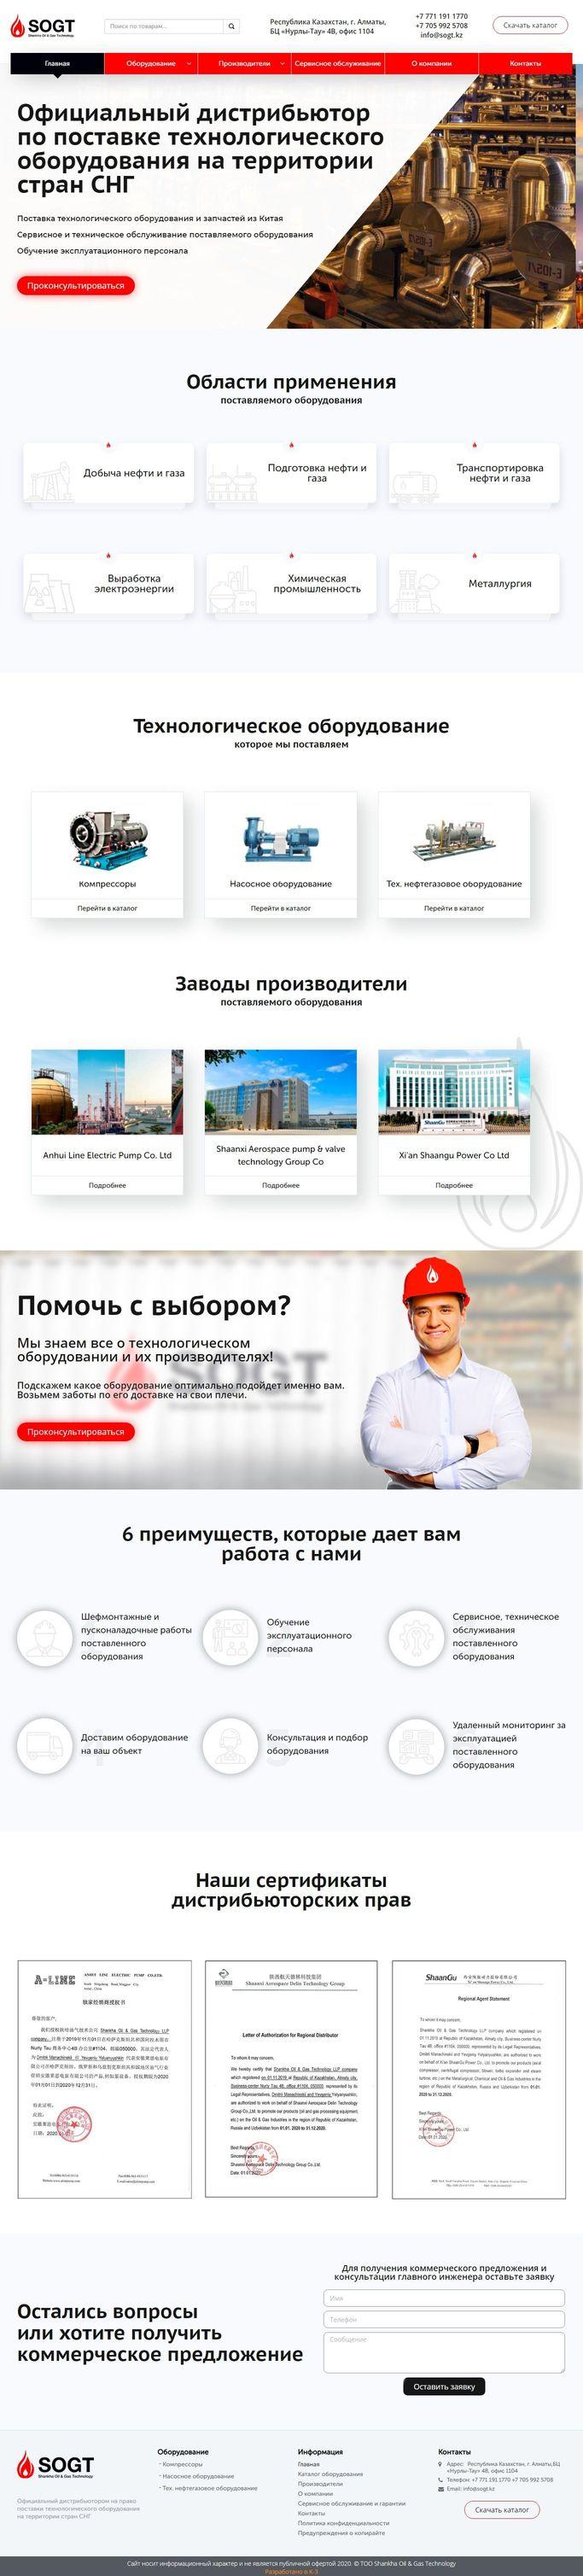 Сайт каталог технологического оборудования